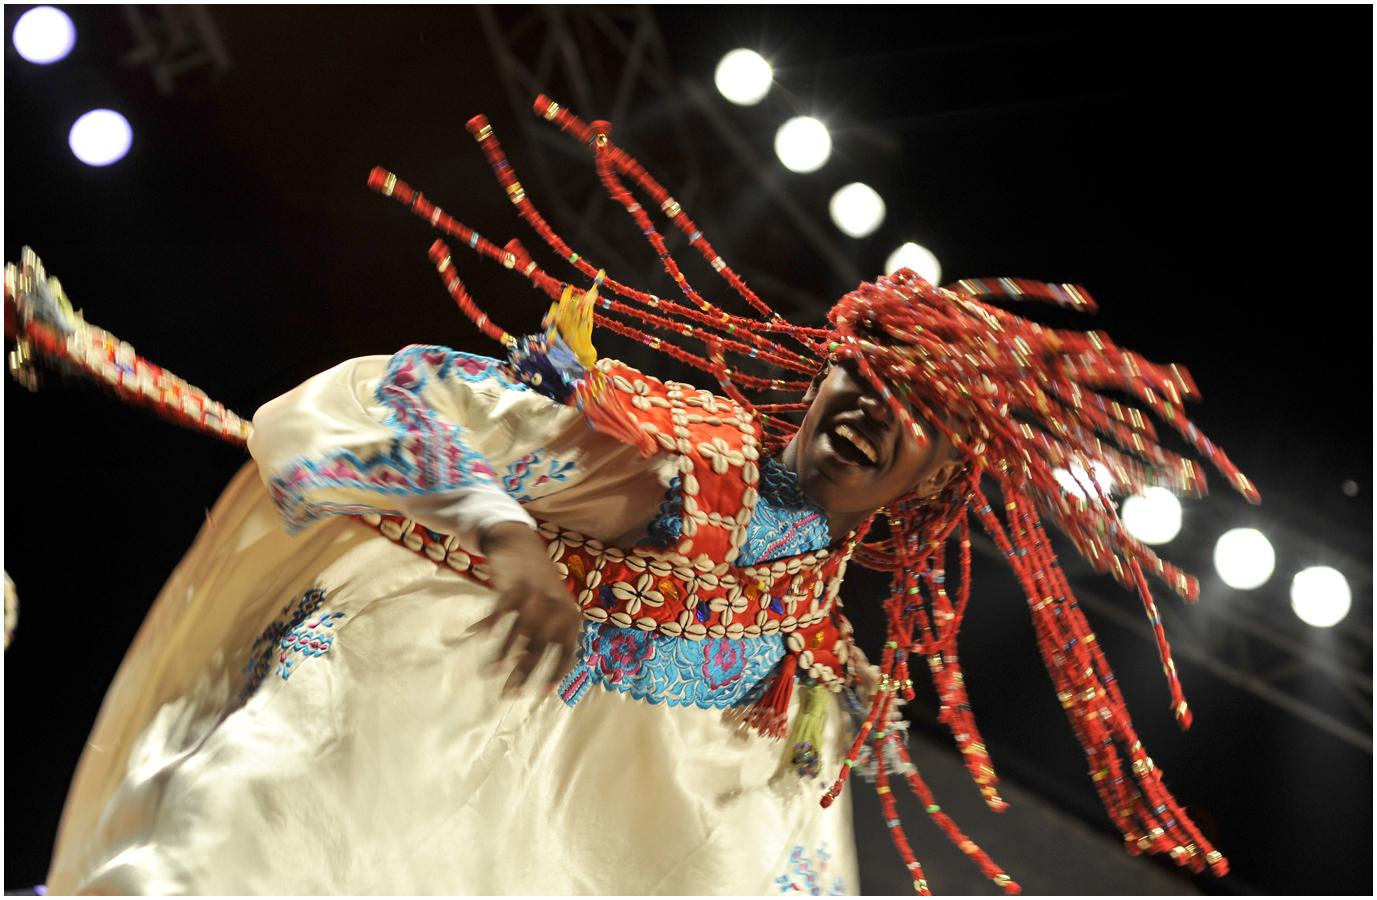 Festival Gnaoua; Morocco 2010 – Mahmoud Guinea troupe